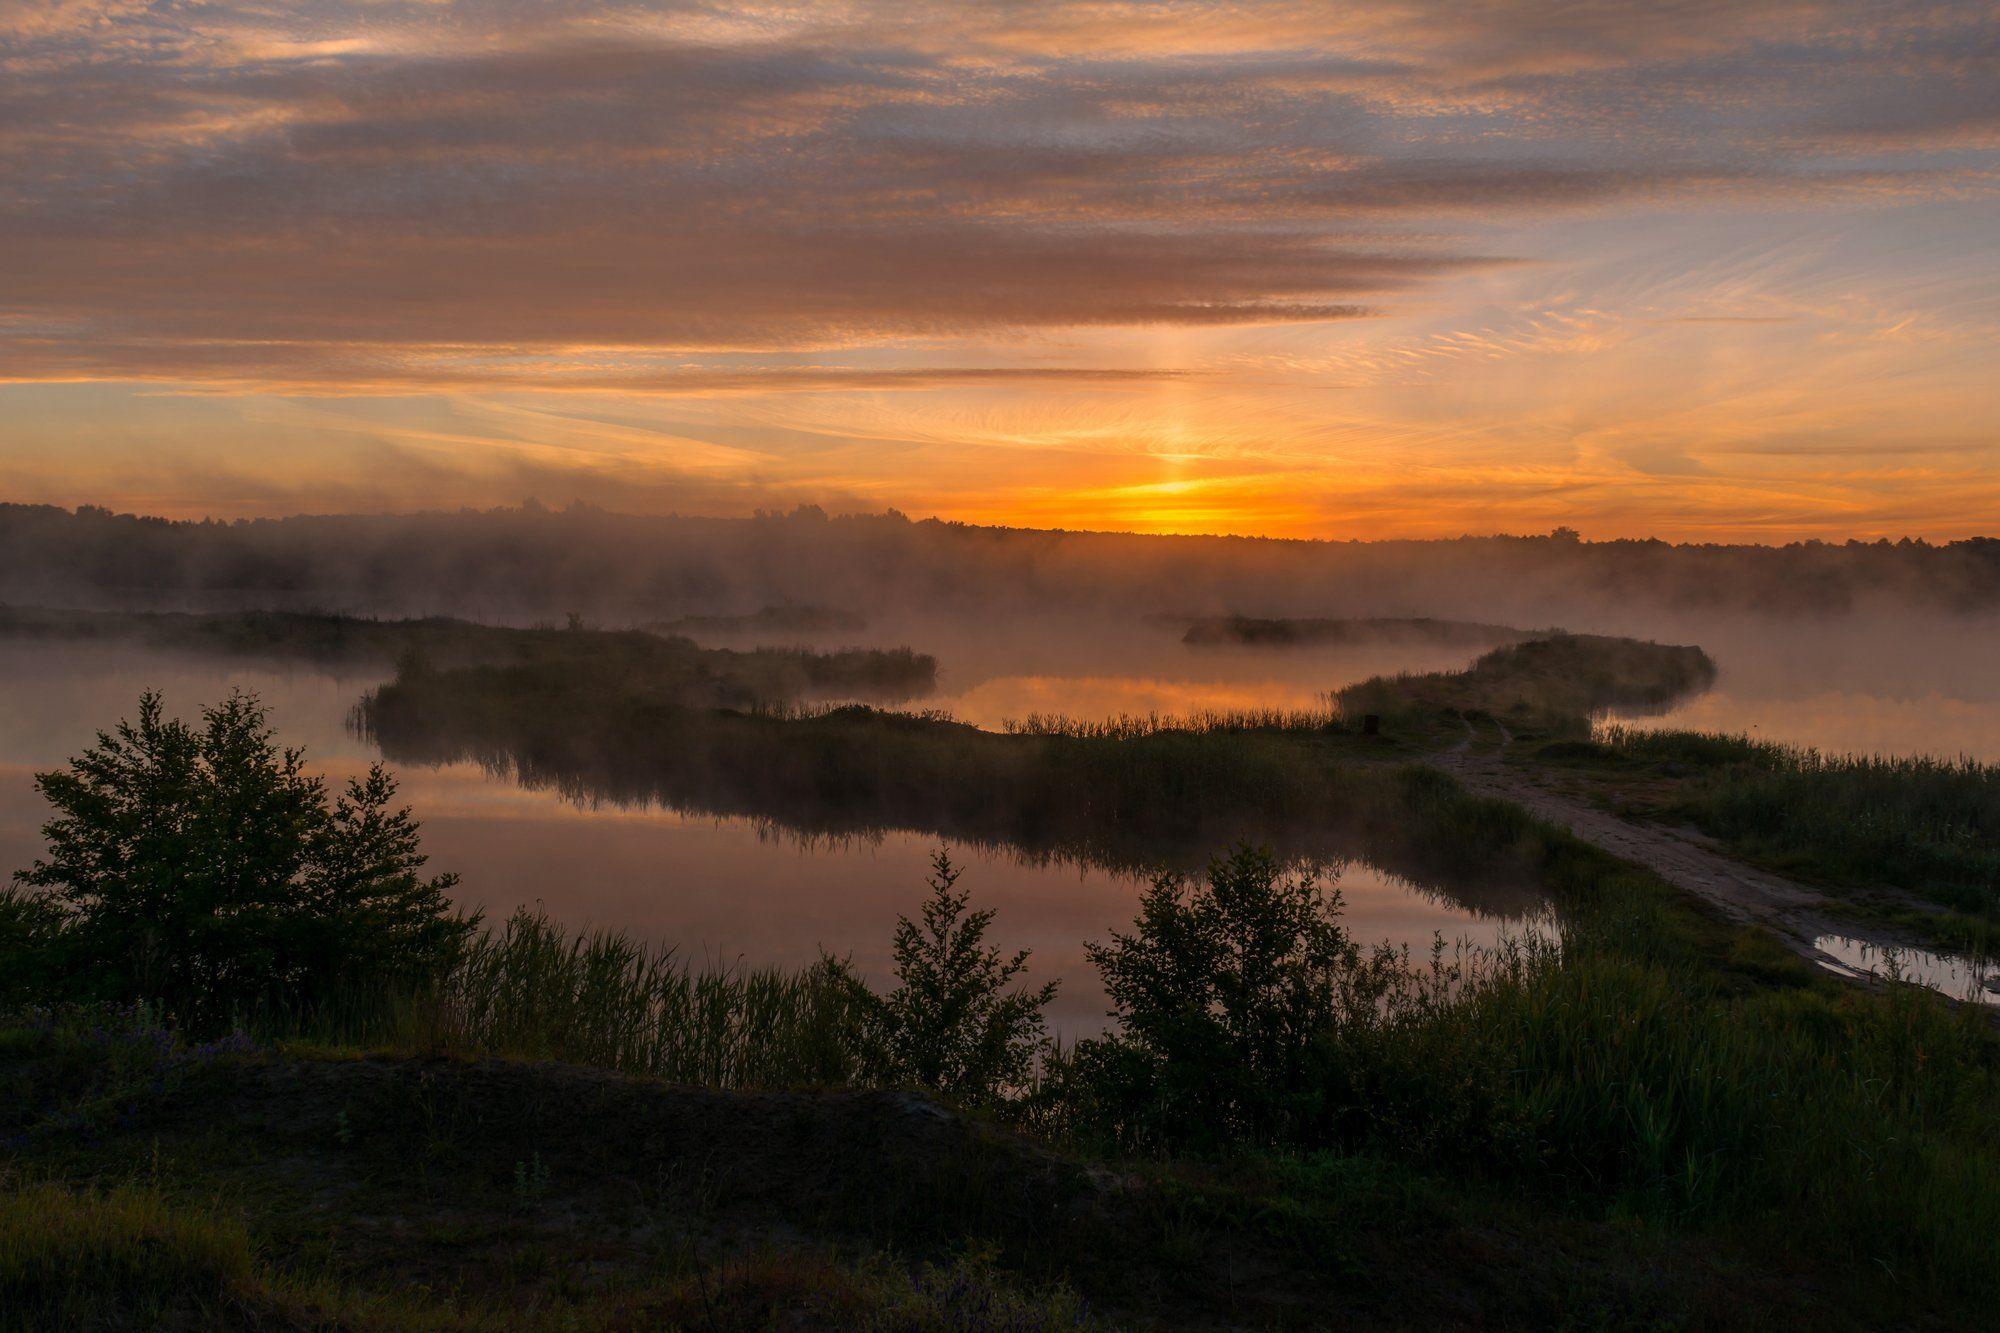 рассвет,туман,озеро, Литвишко Александр